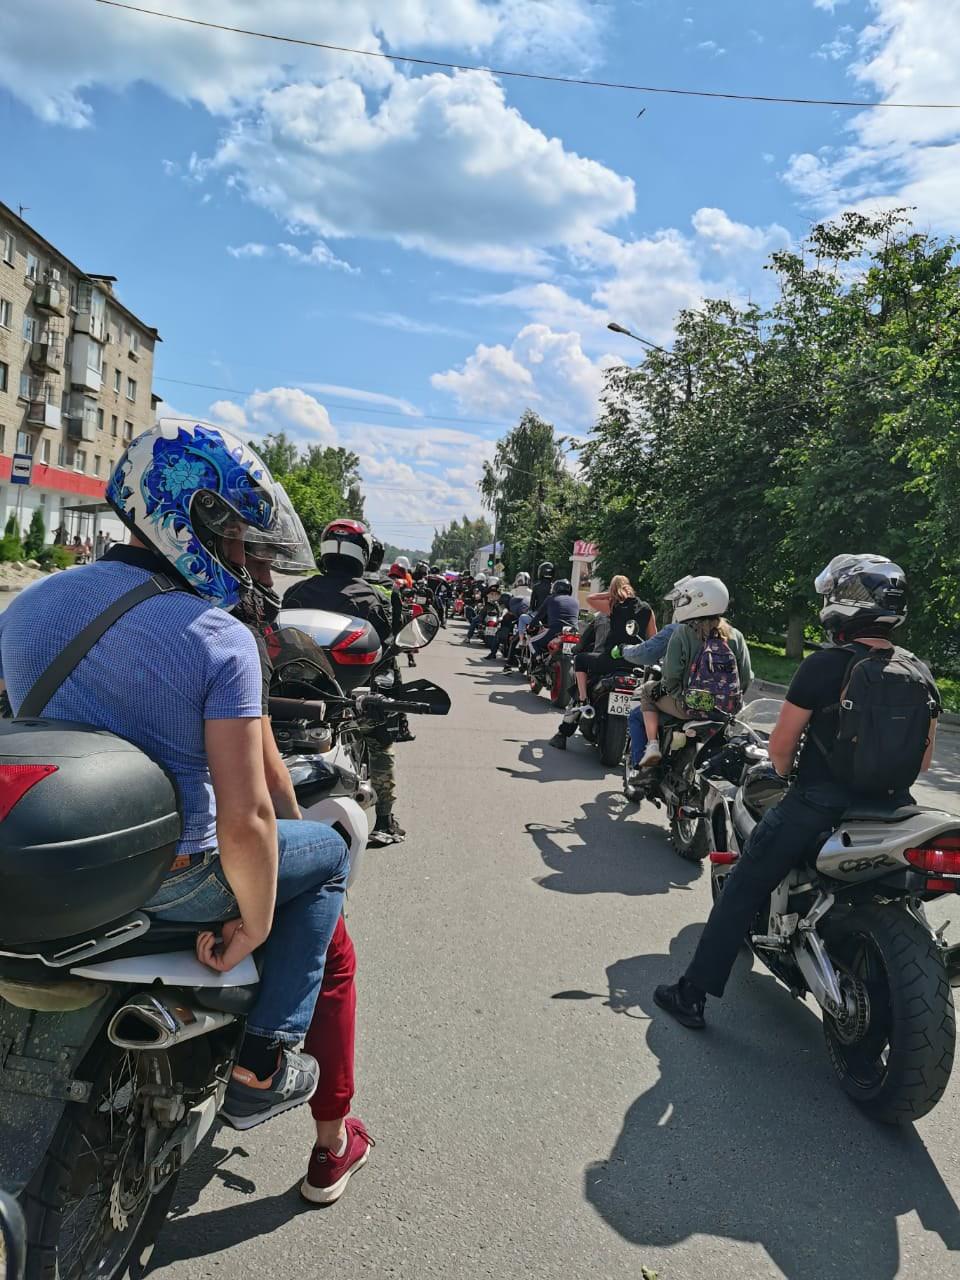 Ржевские байкеры открыли мотосезон